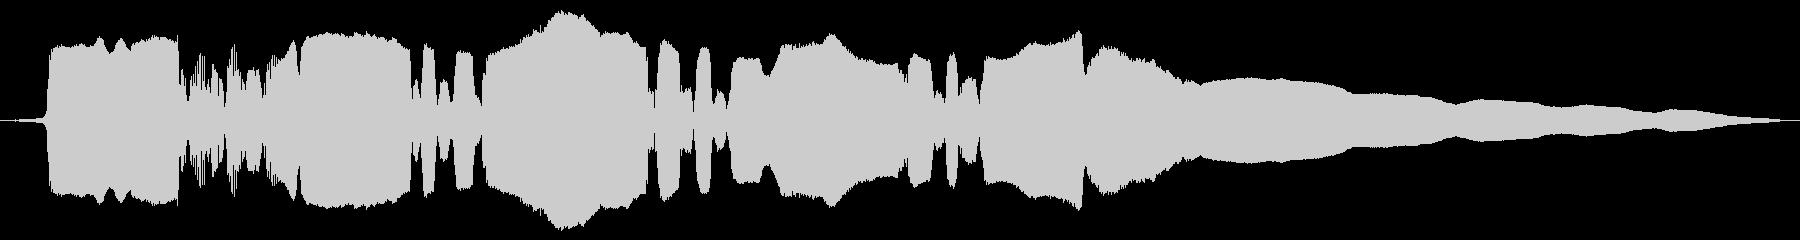 生サックスの面白いフレーズの未再生の波形